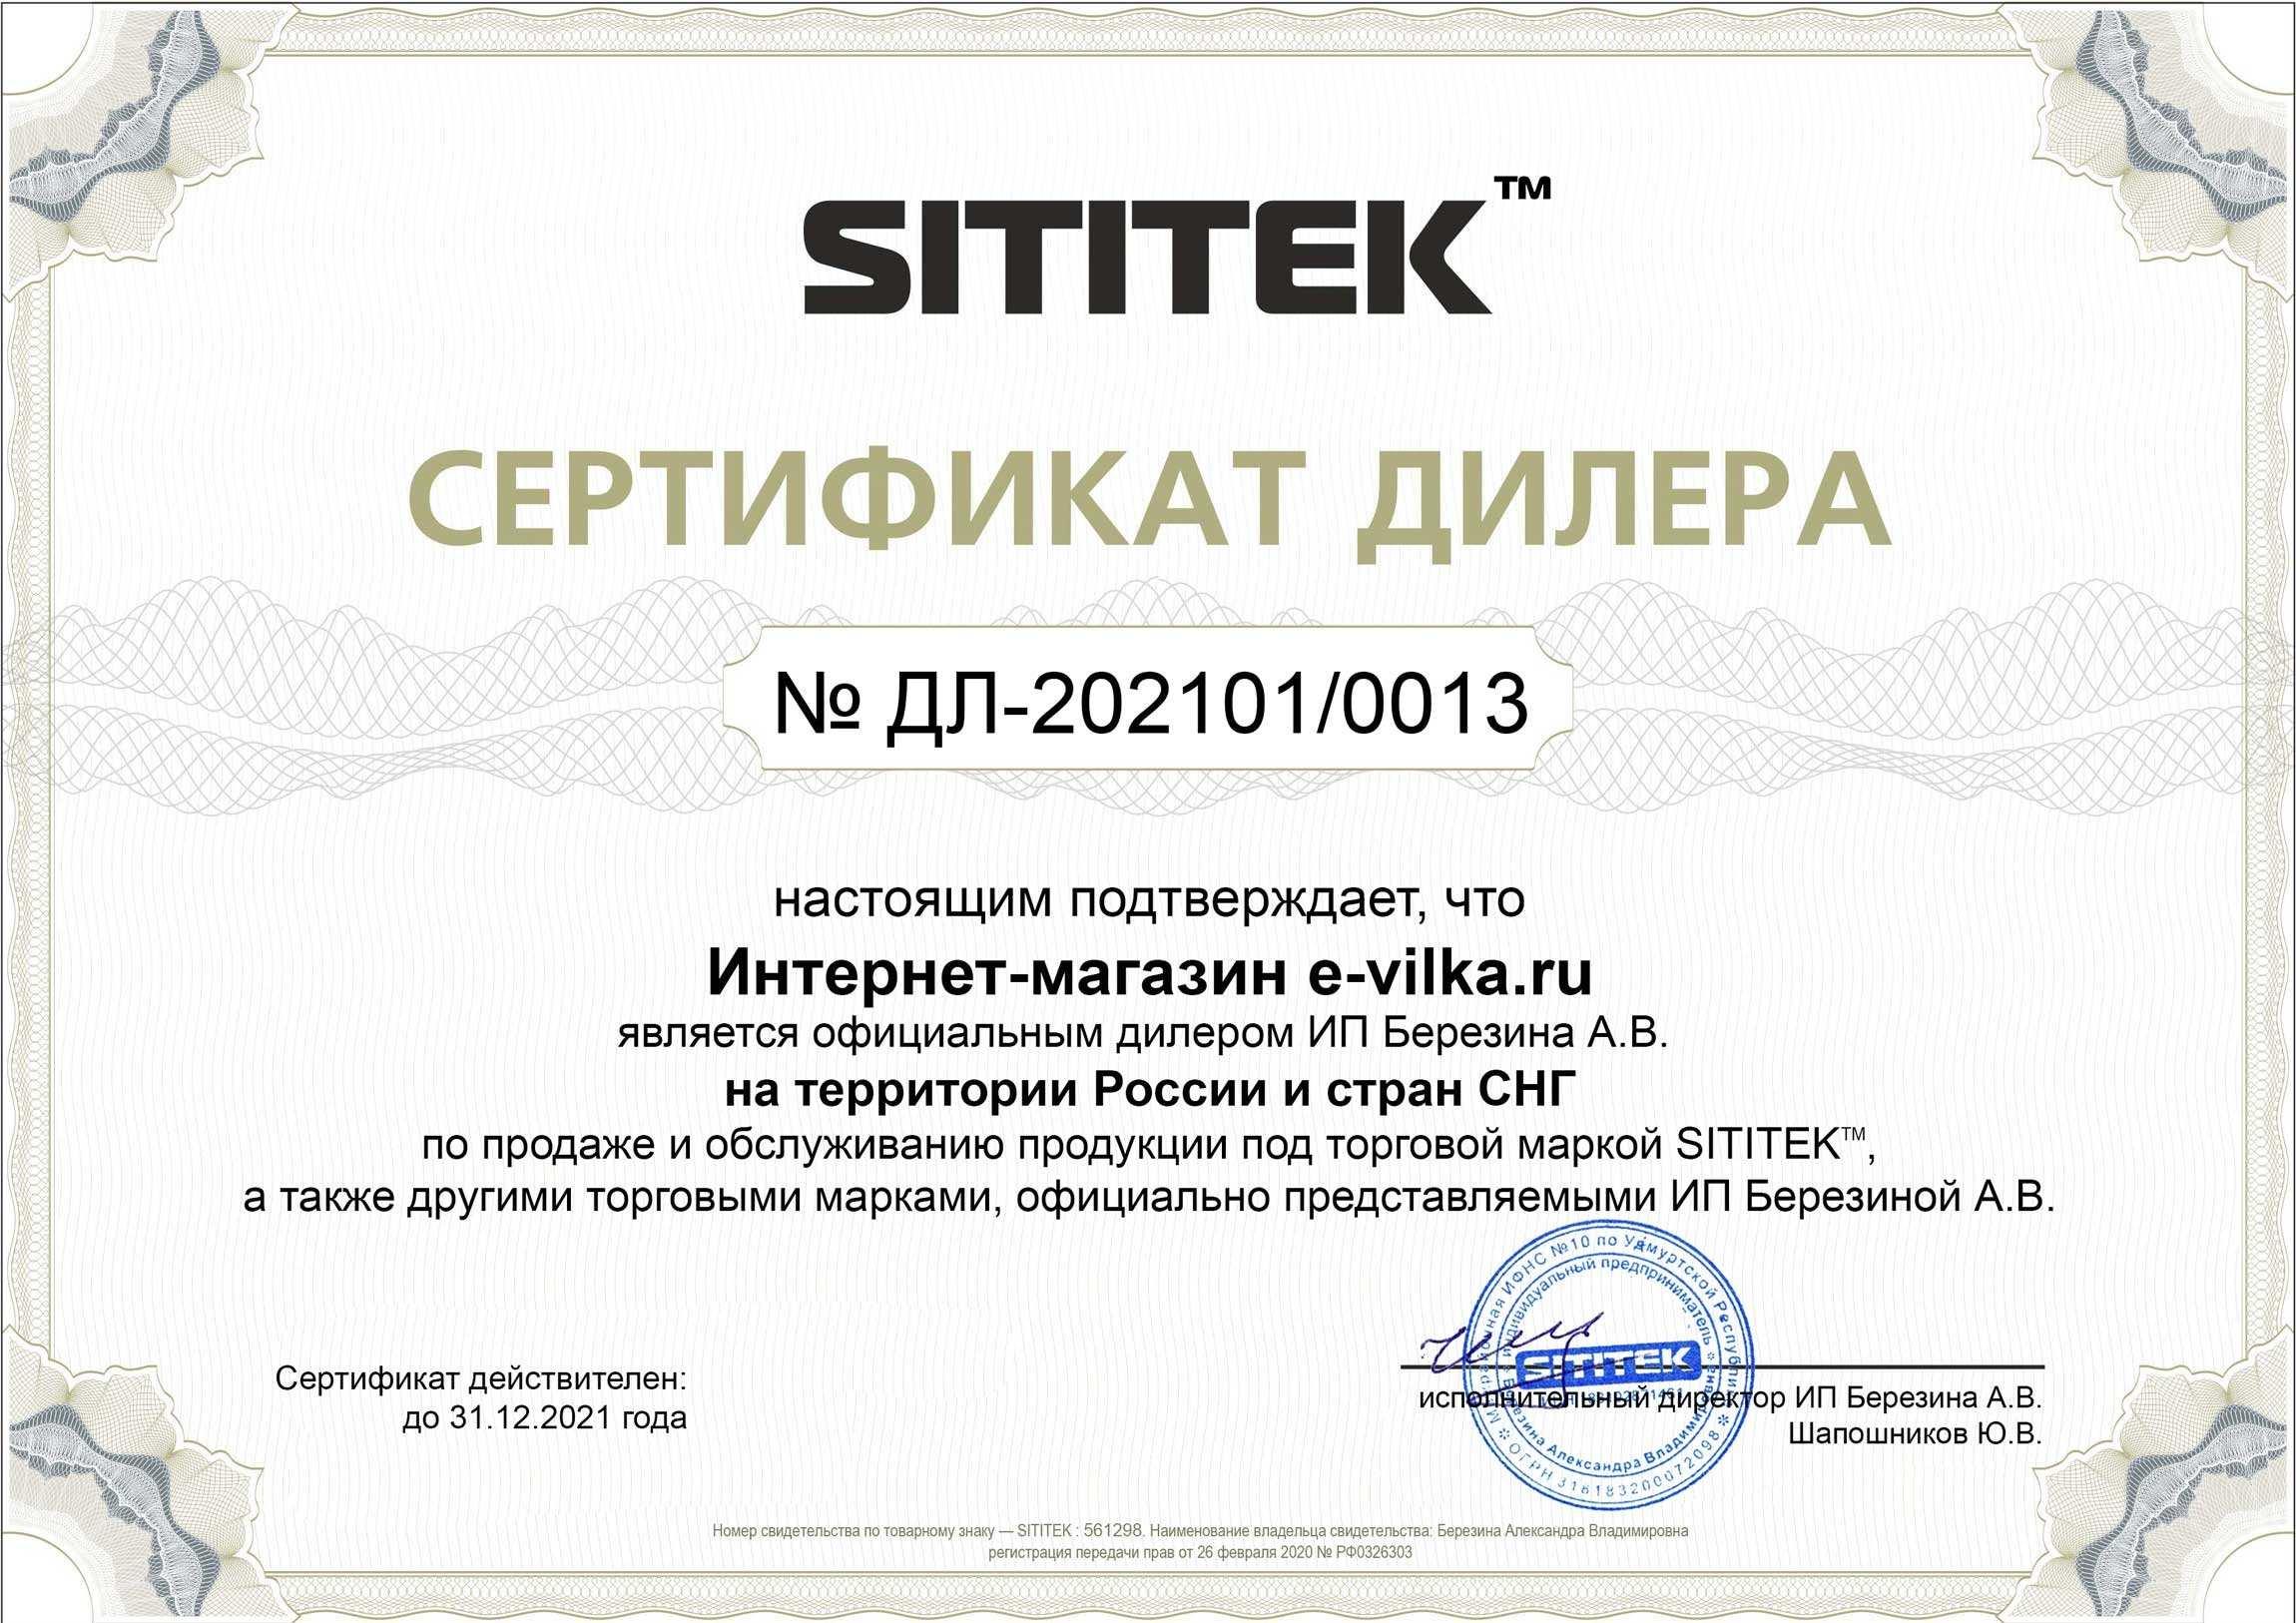 Сертификат дилера SITITEK